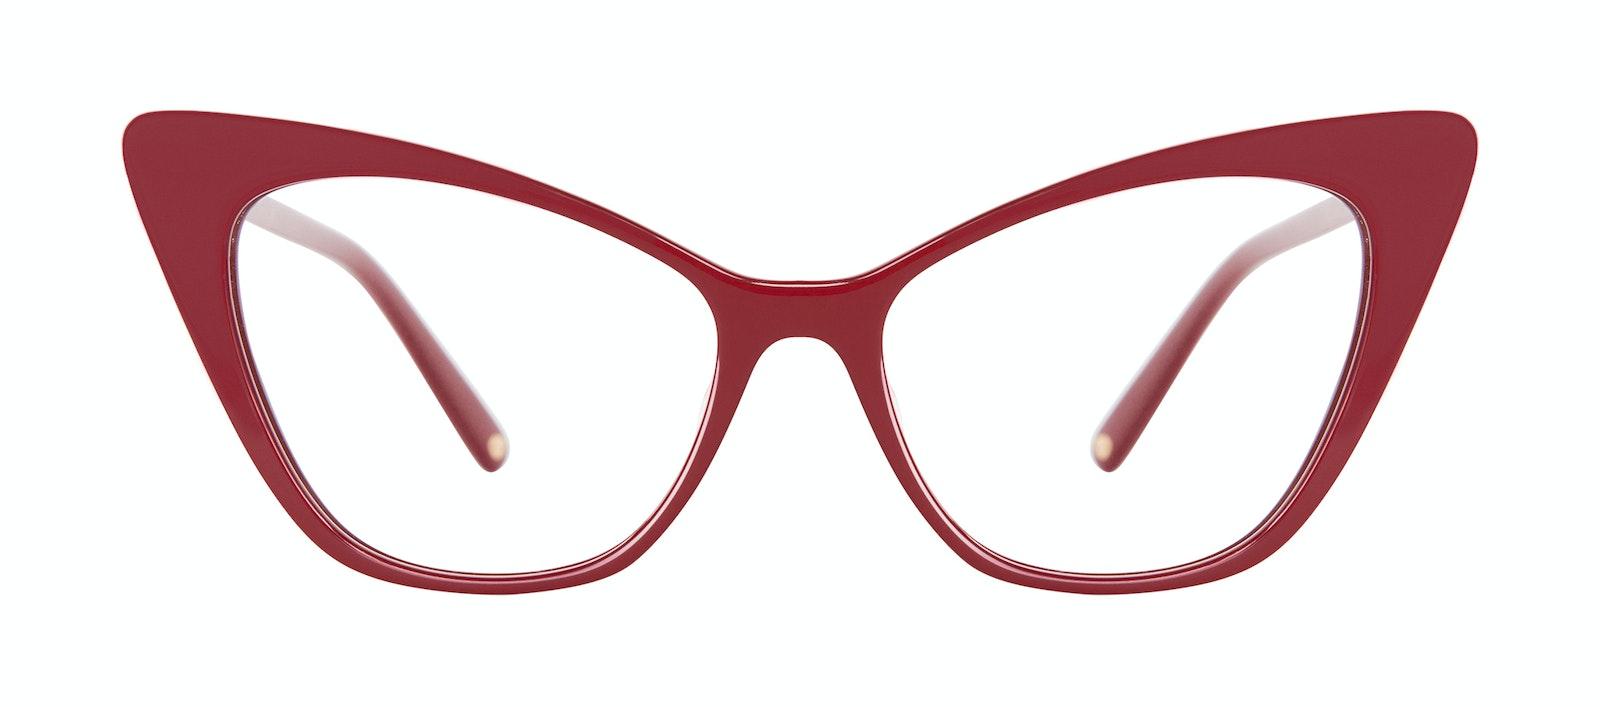 Lunettes tendance Oeil de chat Lunettes de vue Femmes Keiko Lynn Ryder Red Face